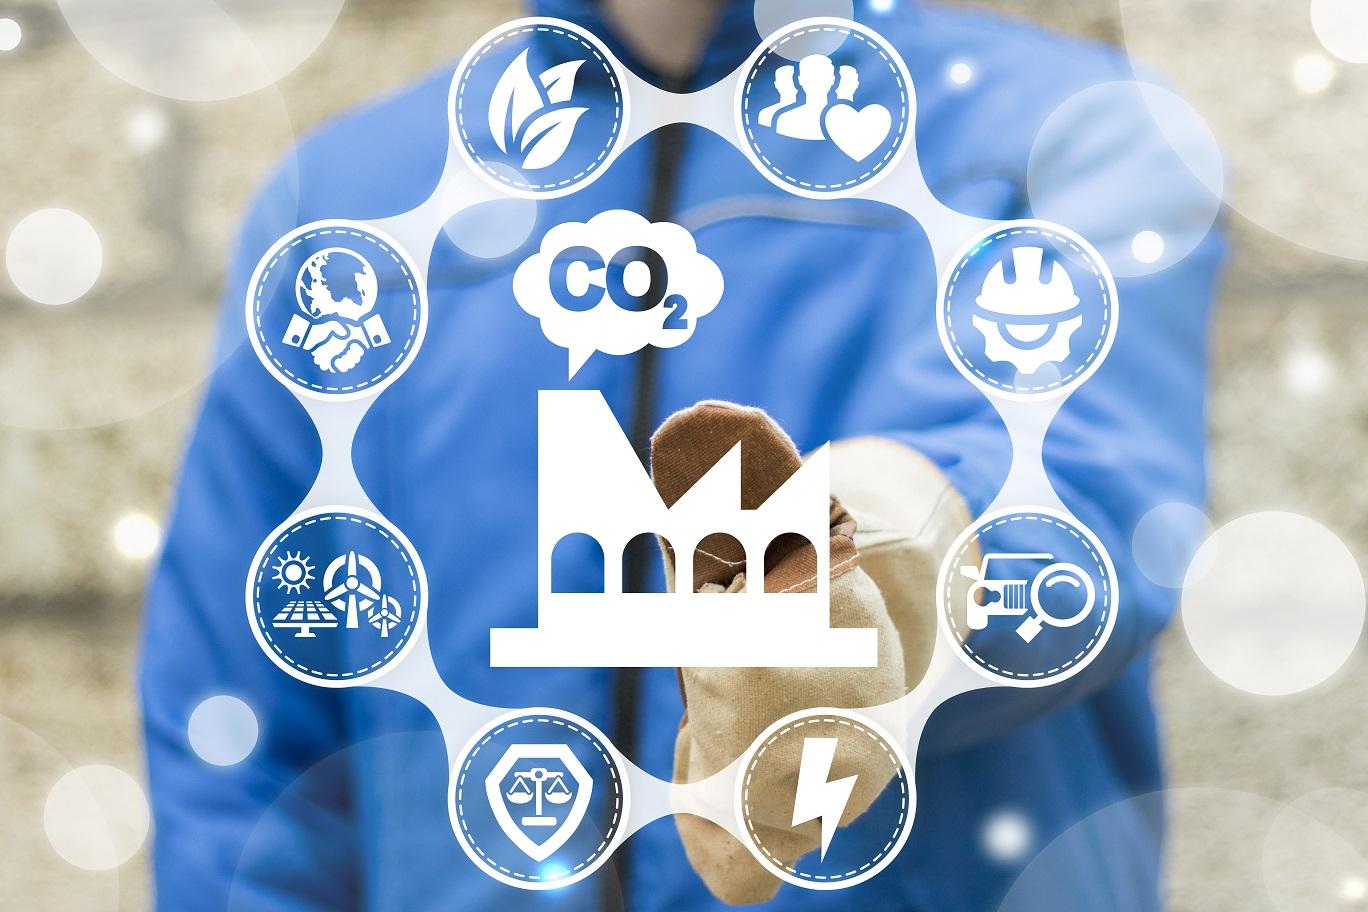 BMWi Förderaufruf CO2-Abscheidung und -Nutzung in der Grundstoffindustrie im Rahmen des 7. Energieforschungsprogramms